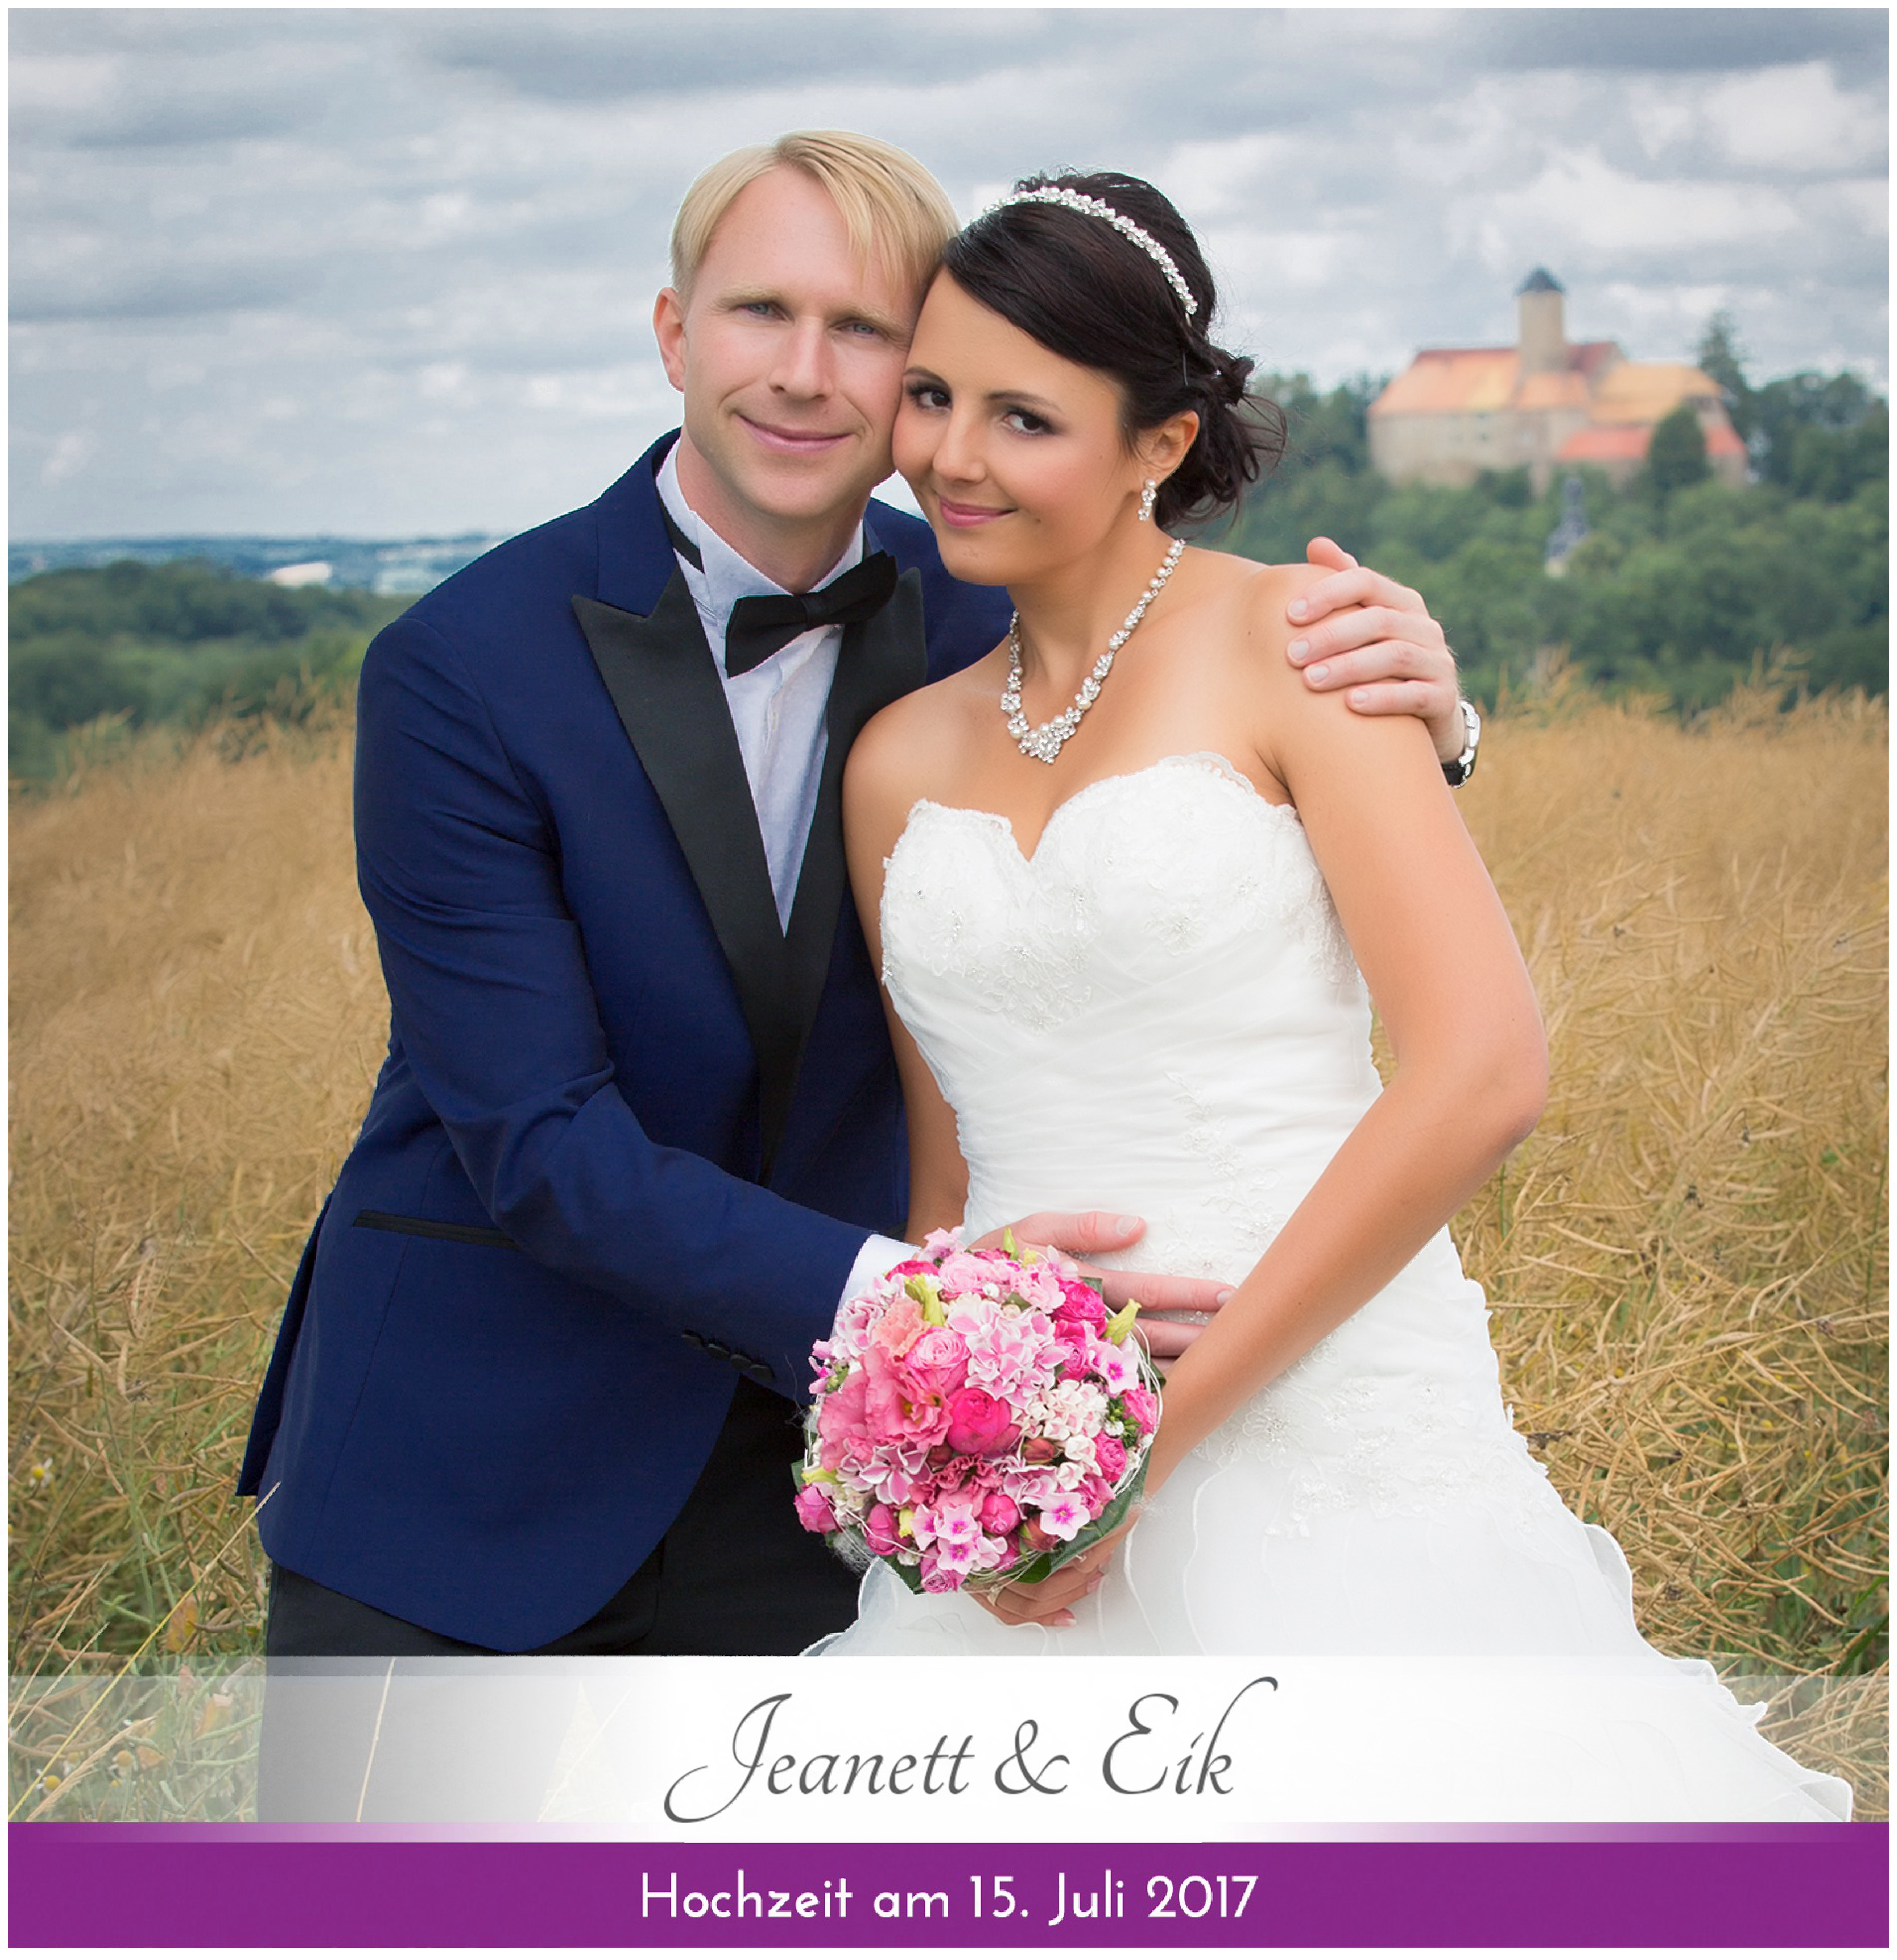 Fotograf Zwickau - Hochzeitsfotograf Stephanie Scharschmidt